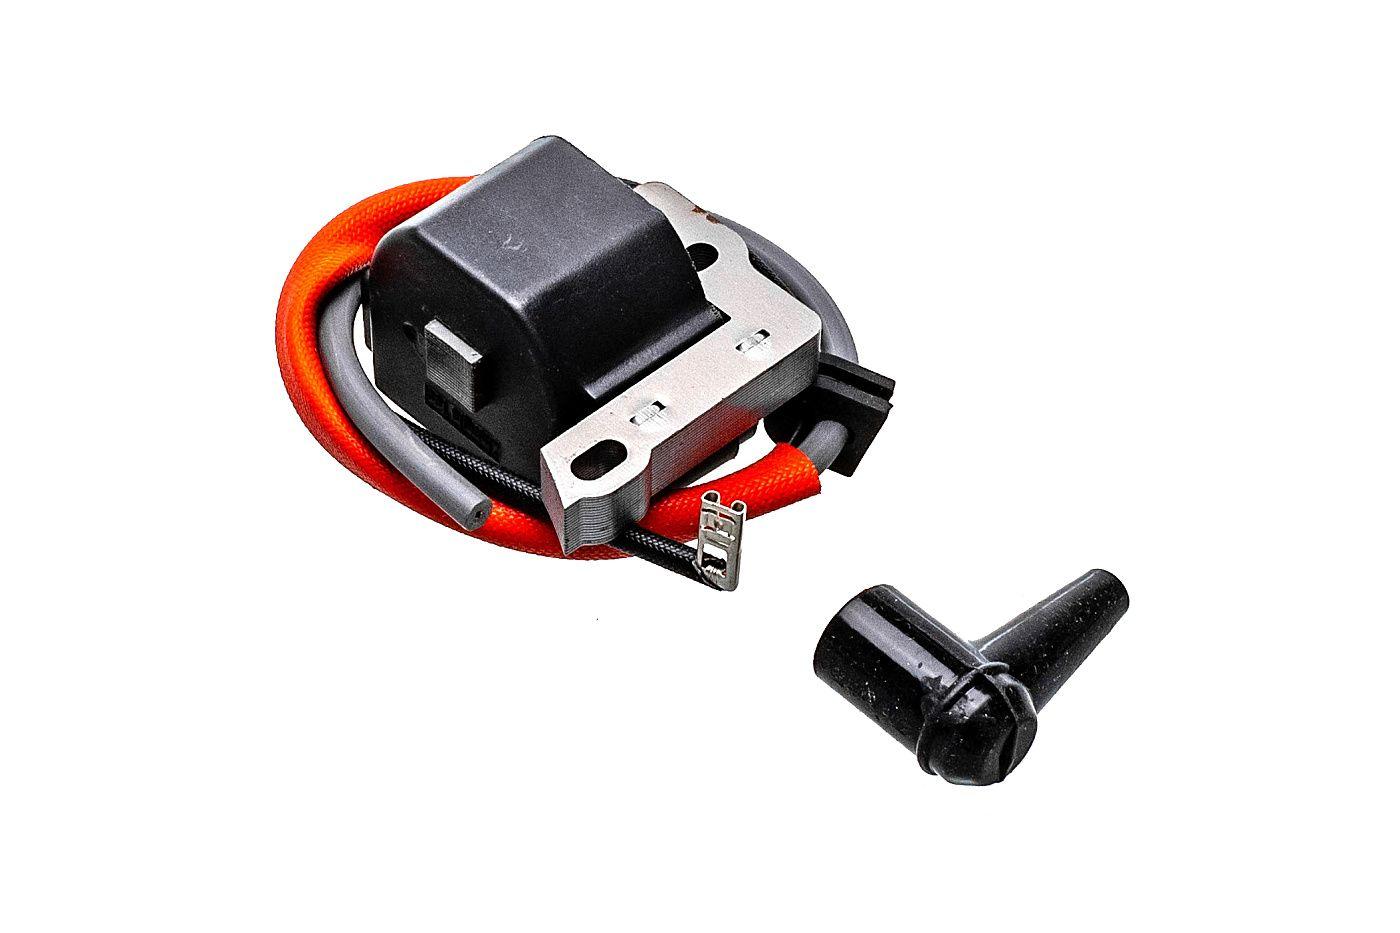 Zapalování Dolmar PS-630 PS-6401 PS-7300 PS-7900 Makita DCS6400 DCS7300 (038143041)